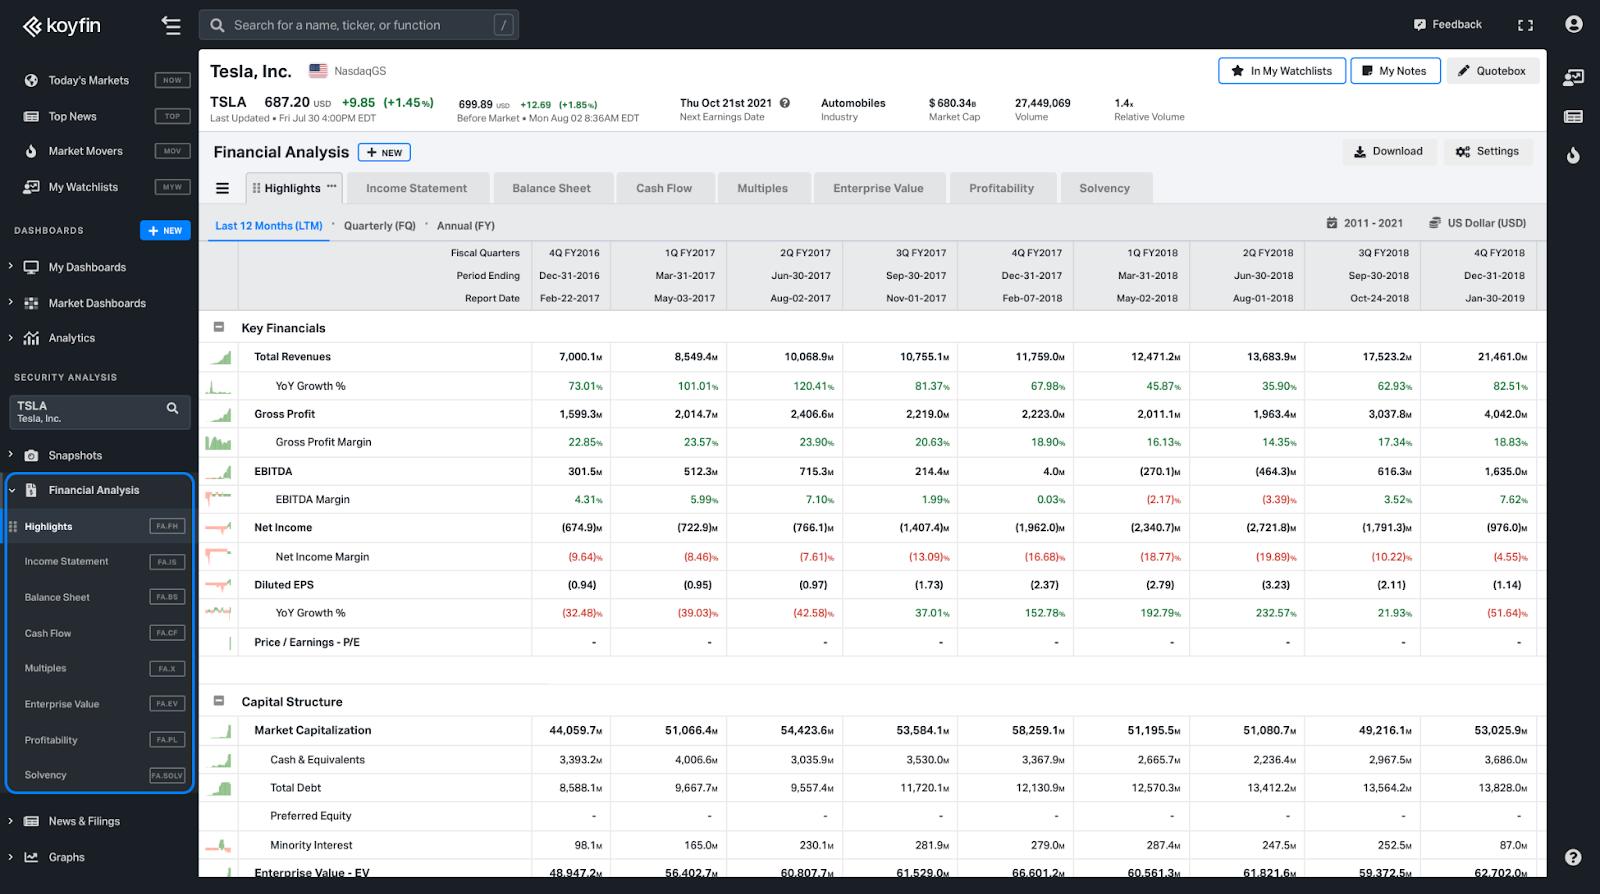 Financial Analysis Templates on Koyfin